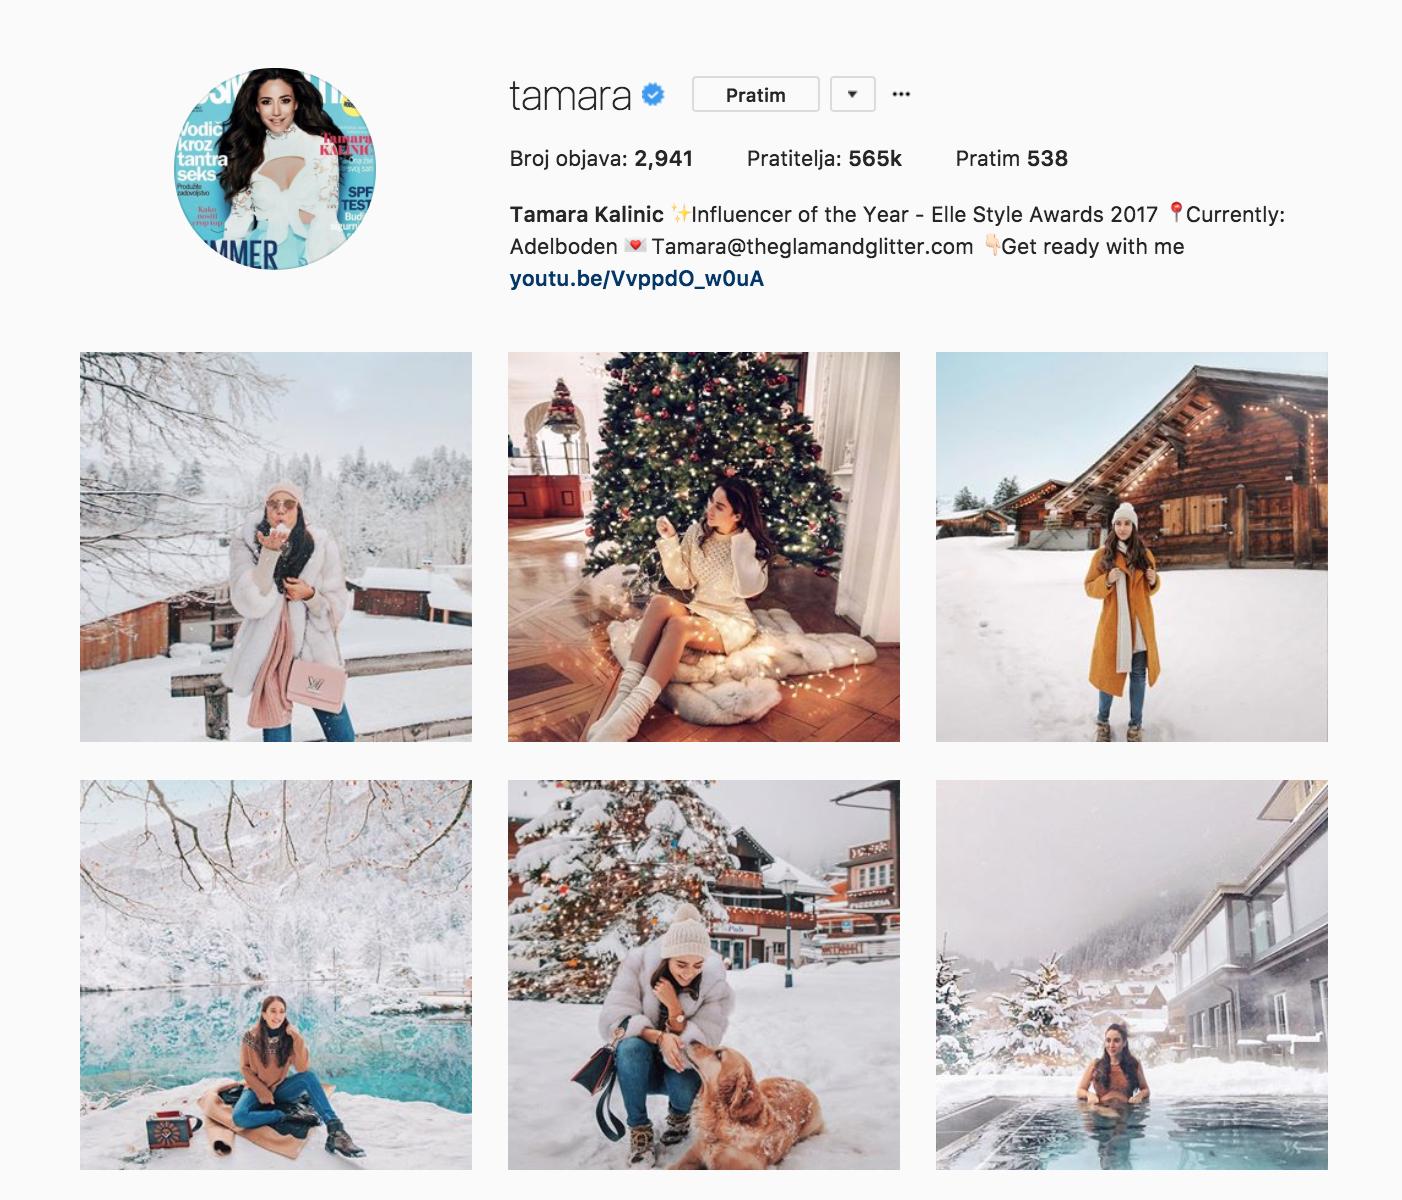 tamara instagram